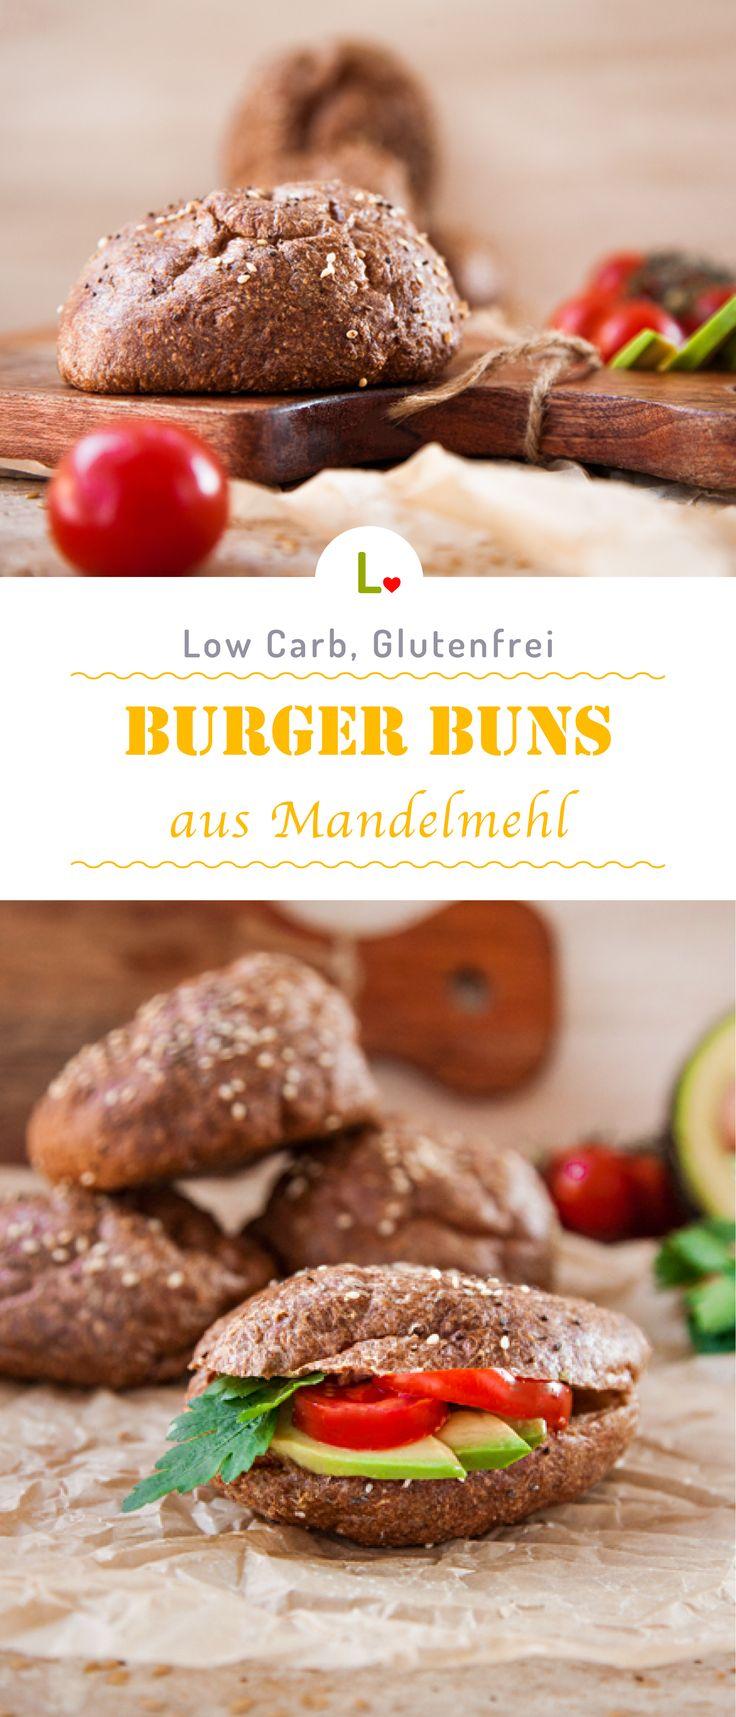 Burger Buns ahoi! Mit unseren Lizza Low Carb Brötchen Rezept aus Mandelmehl und Flohsamenmehl kannst du dir genüsslich und ohne Reue dein Burger genießen. Für weitere Brotersatz Rezepte besuch doch unsere Lizza Website:https://lizza.de/pages/rezepte